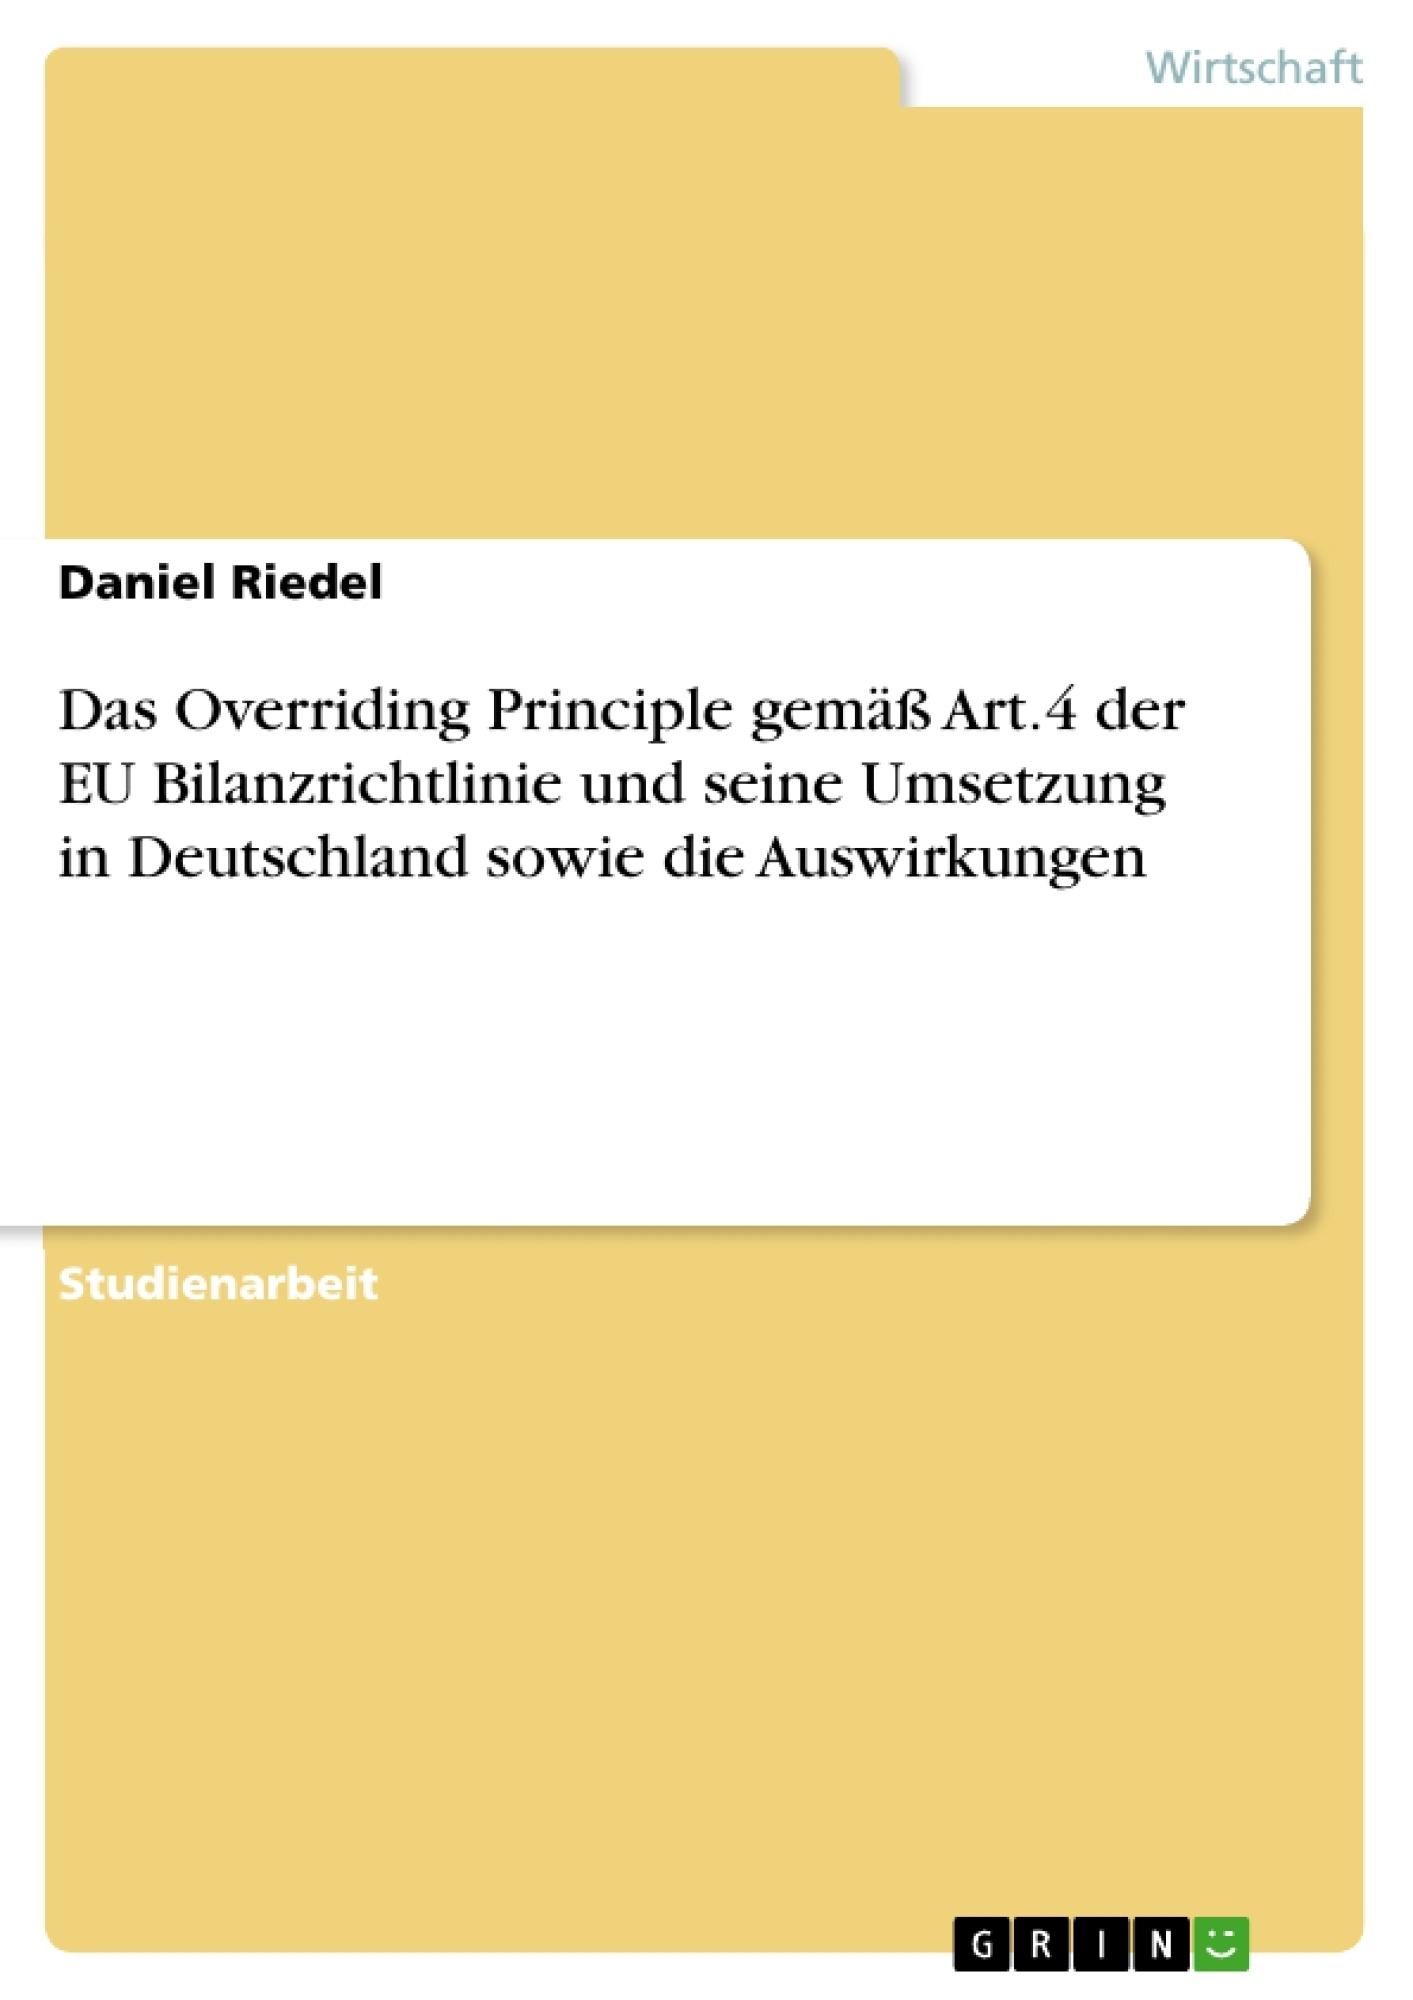 Titel: Das Overriding Principle gemäß Art.4 der EU Bilanzrichtlinie und seine Umsetzung in Deutschland sowie die Auswirkungen